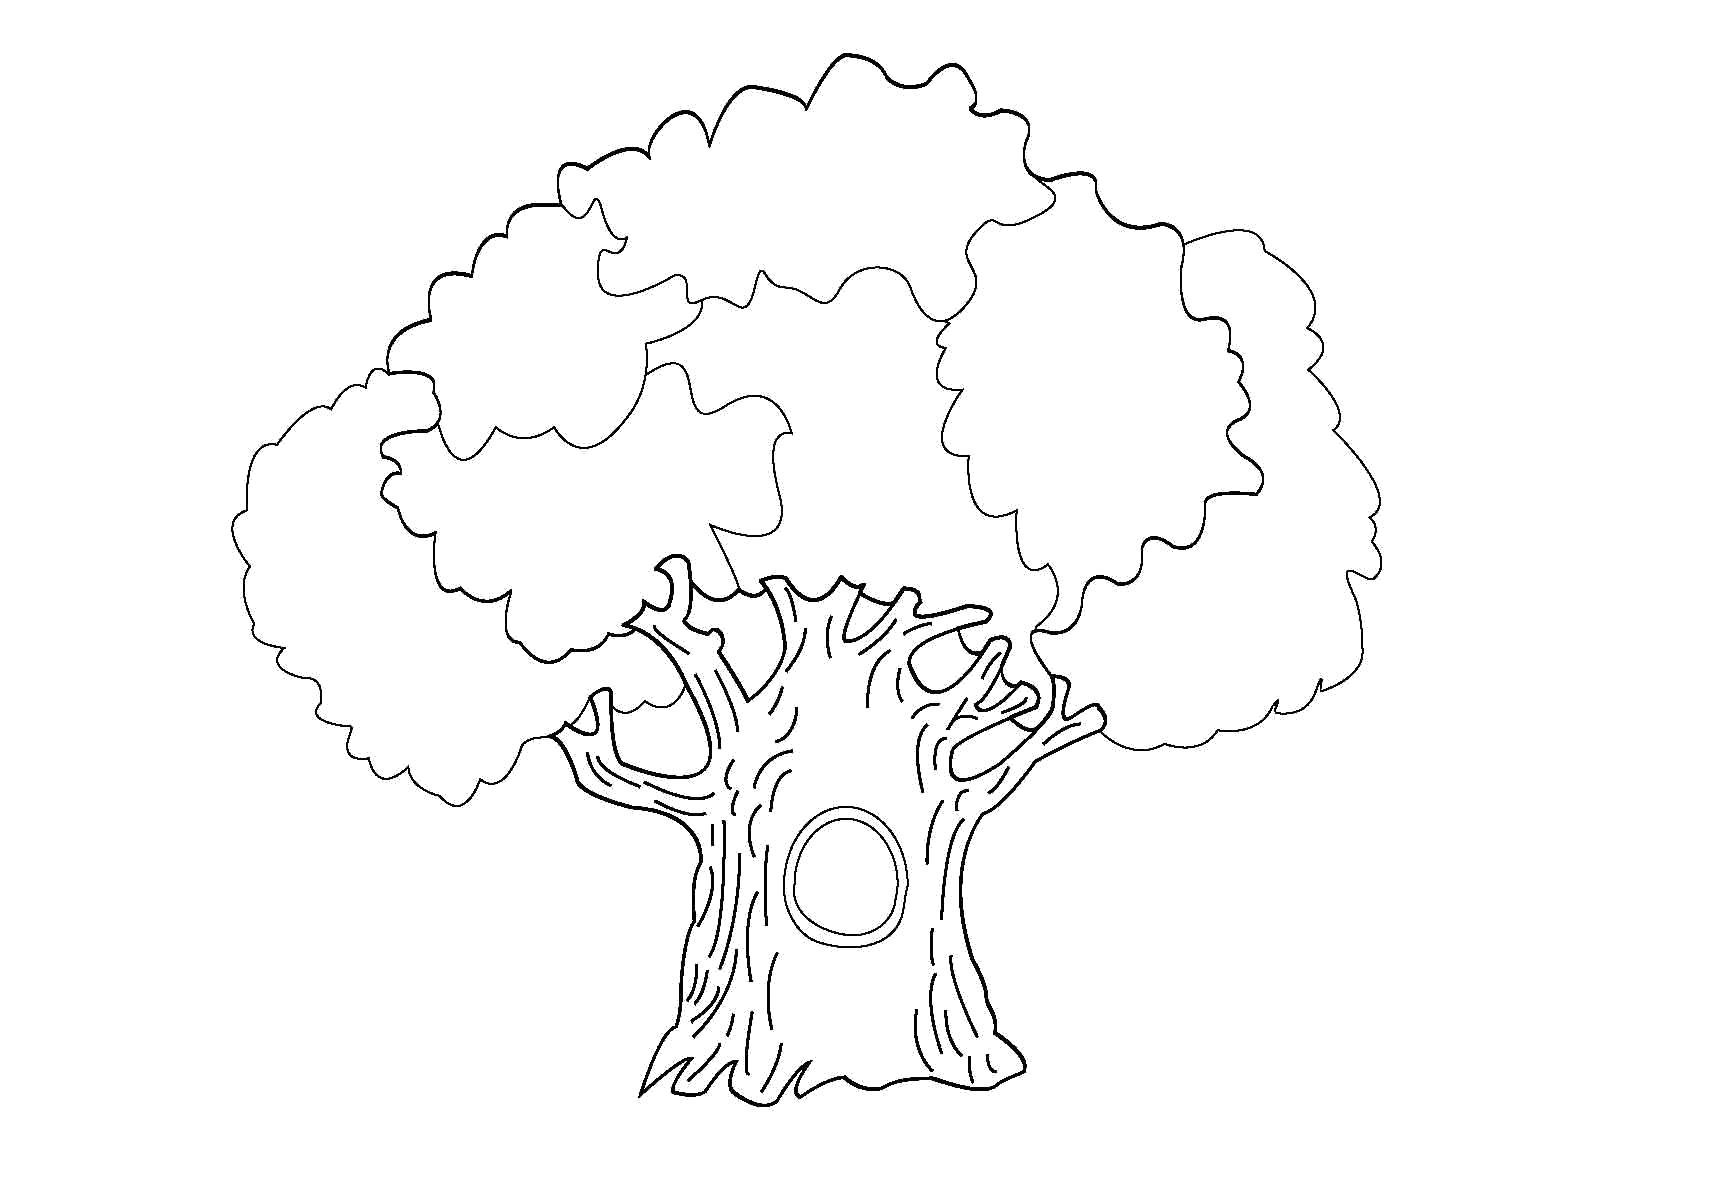 Раскраска дуб с дуплом. Скачать деревья.  Распечатать деревья